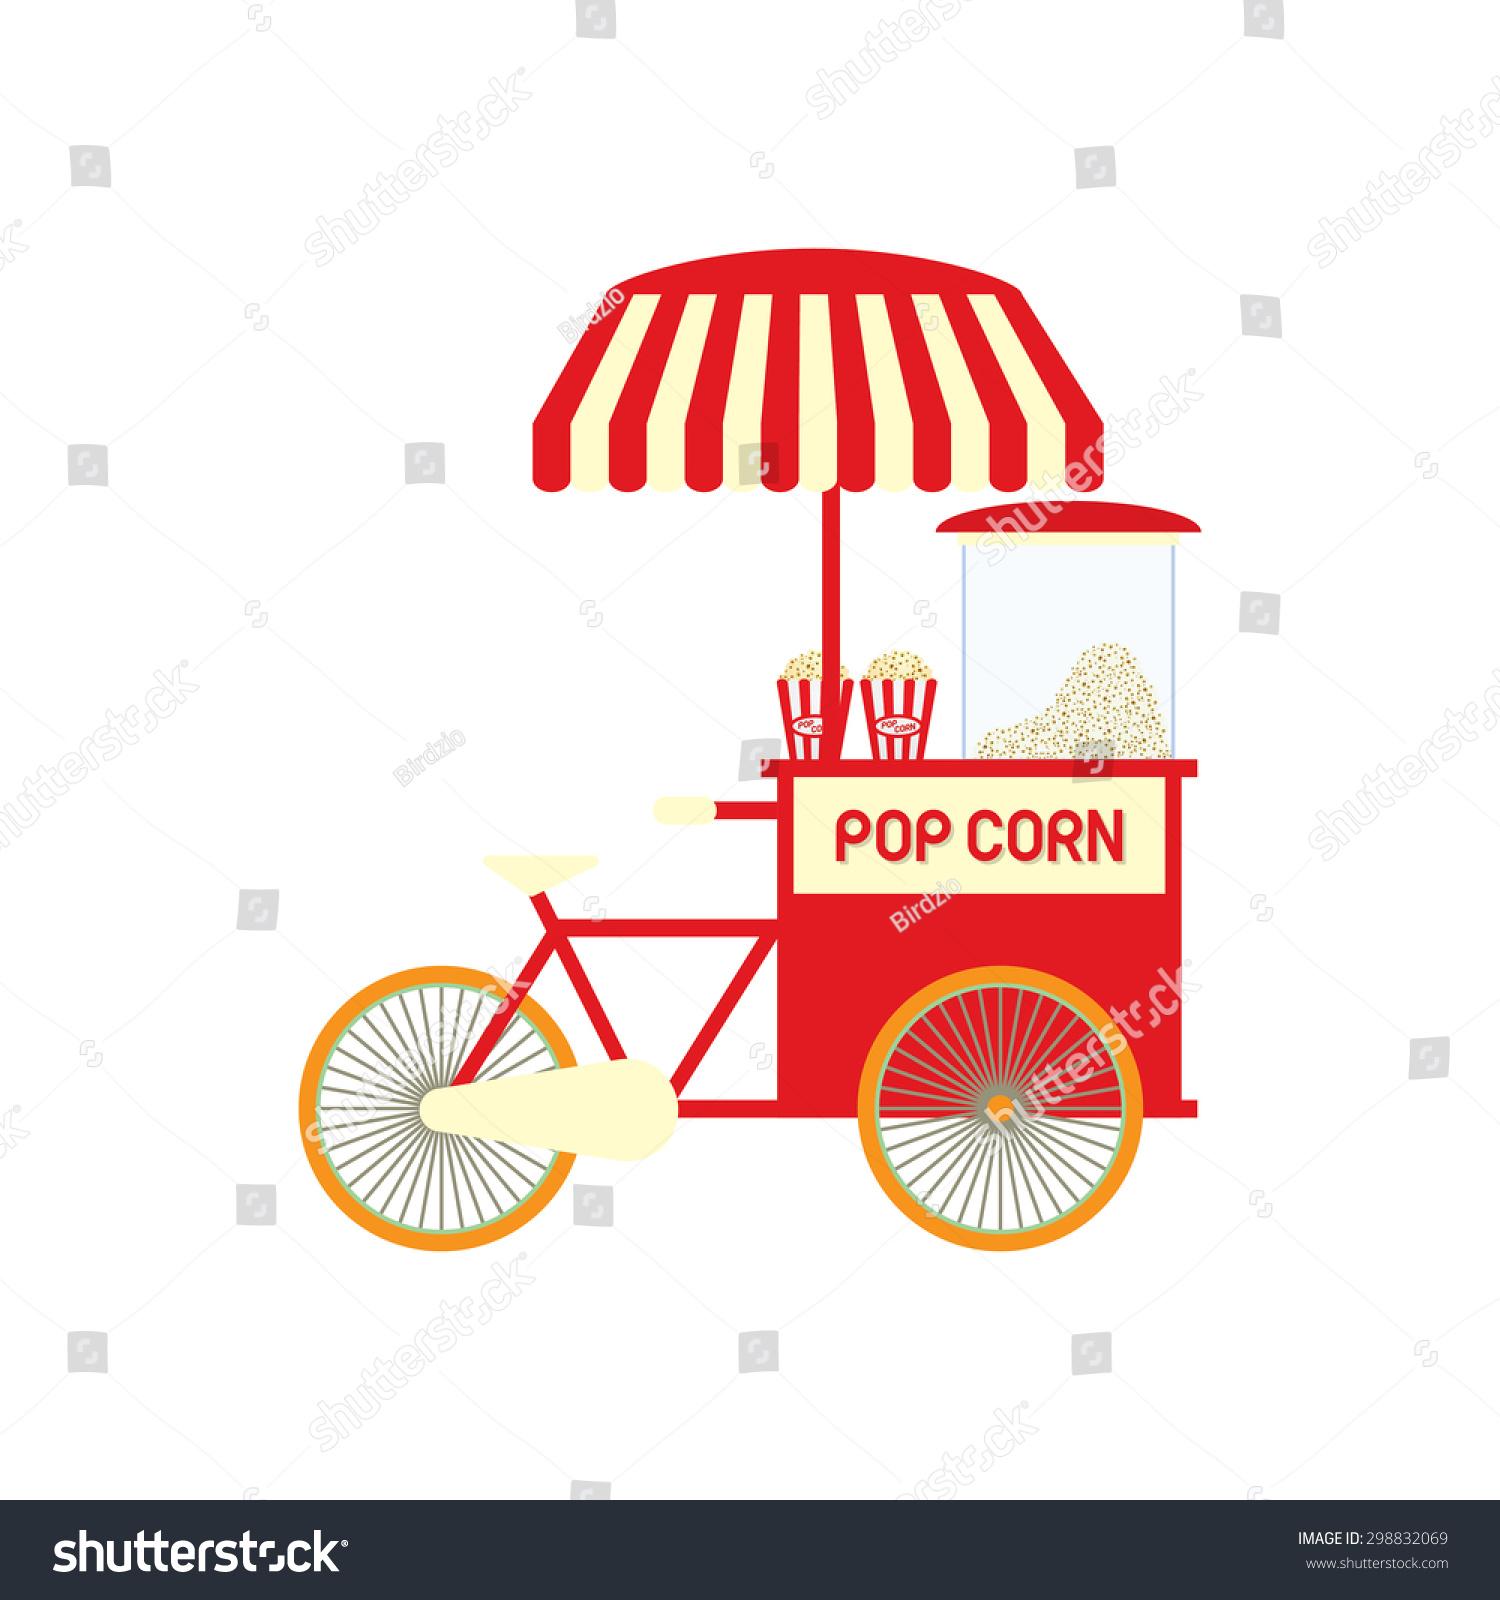 Popcorn Cart Vector Illustration Stock Vector 298832069 - Shutterstock